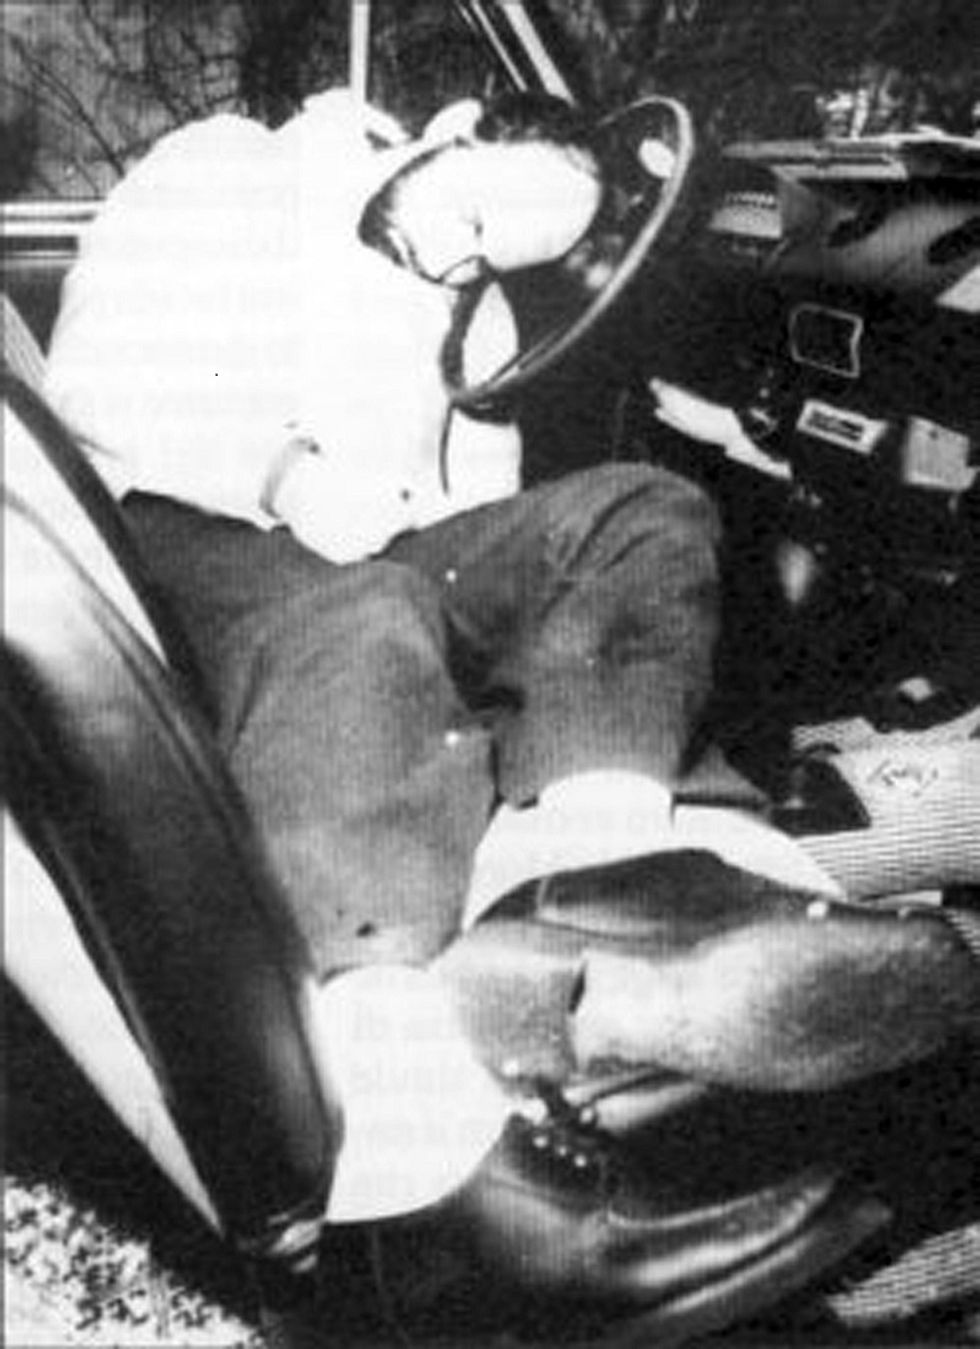 40 anni fa l'omicidio di Guido Rossa a Genova